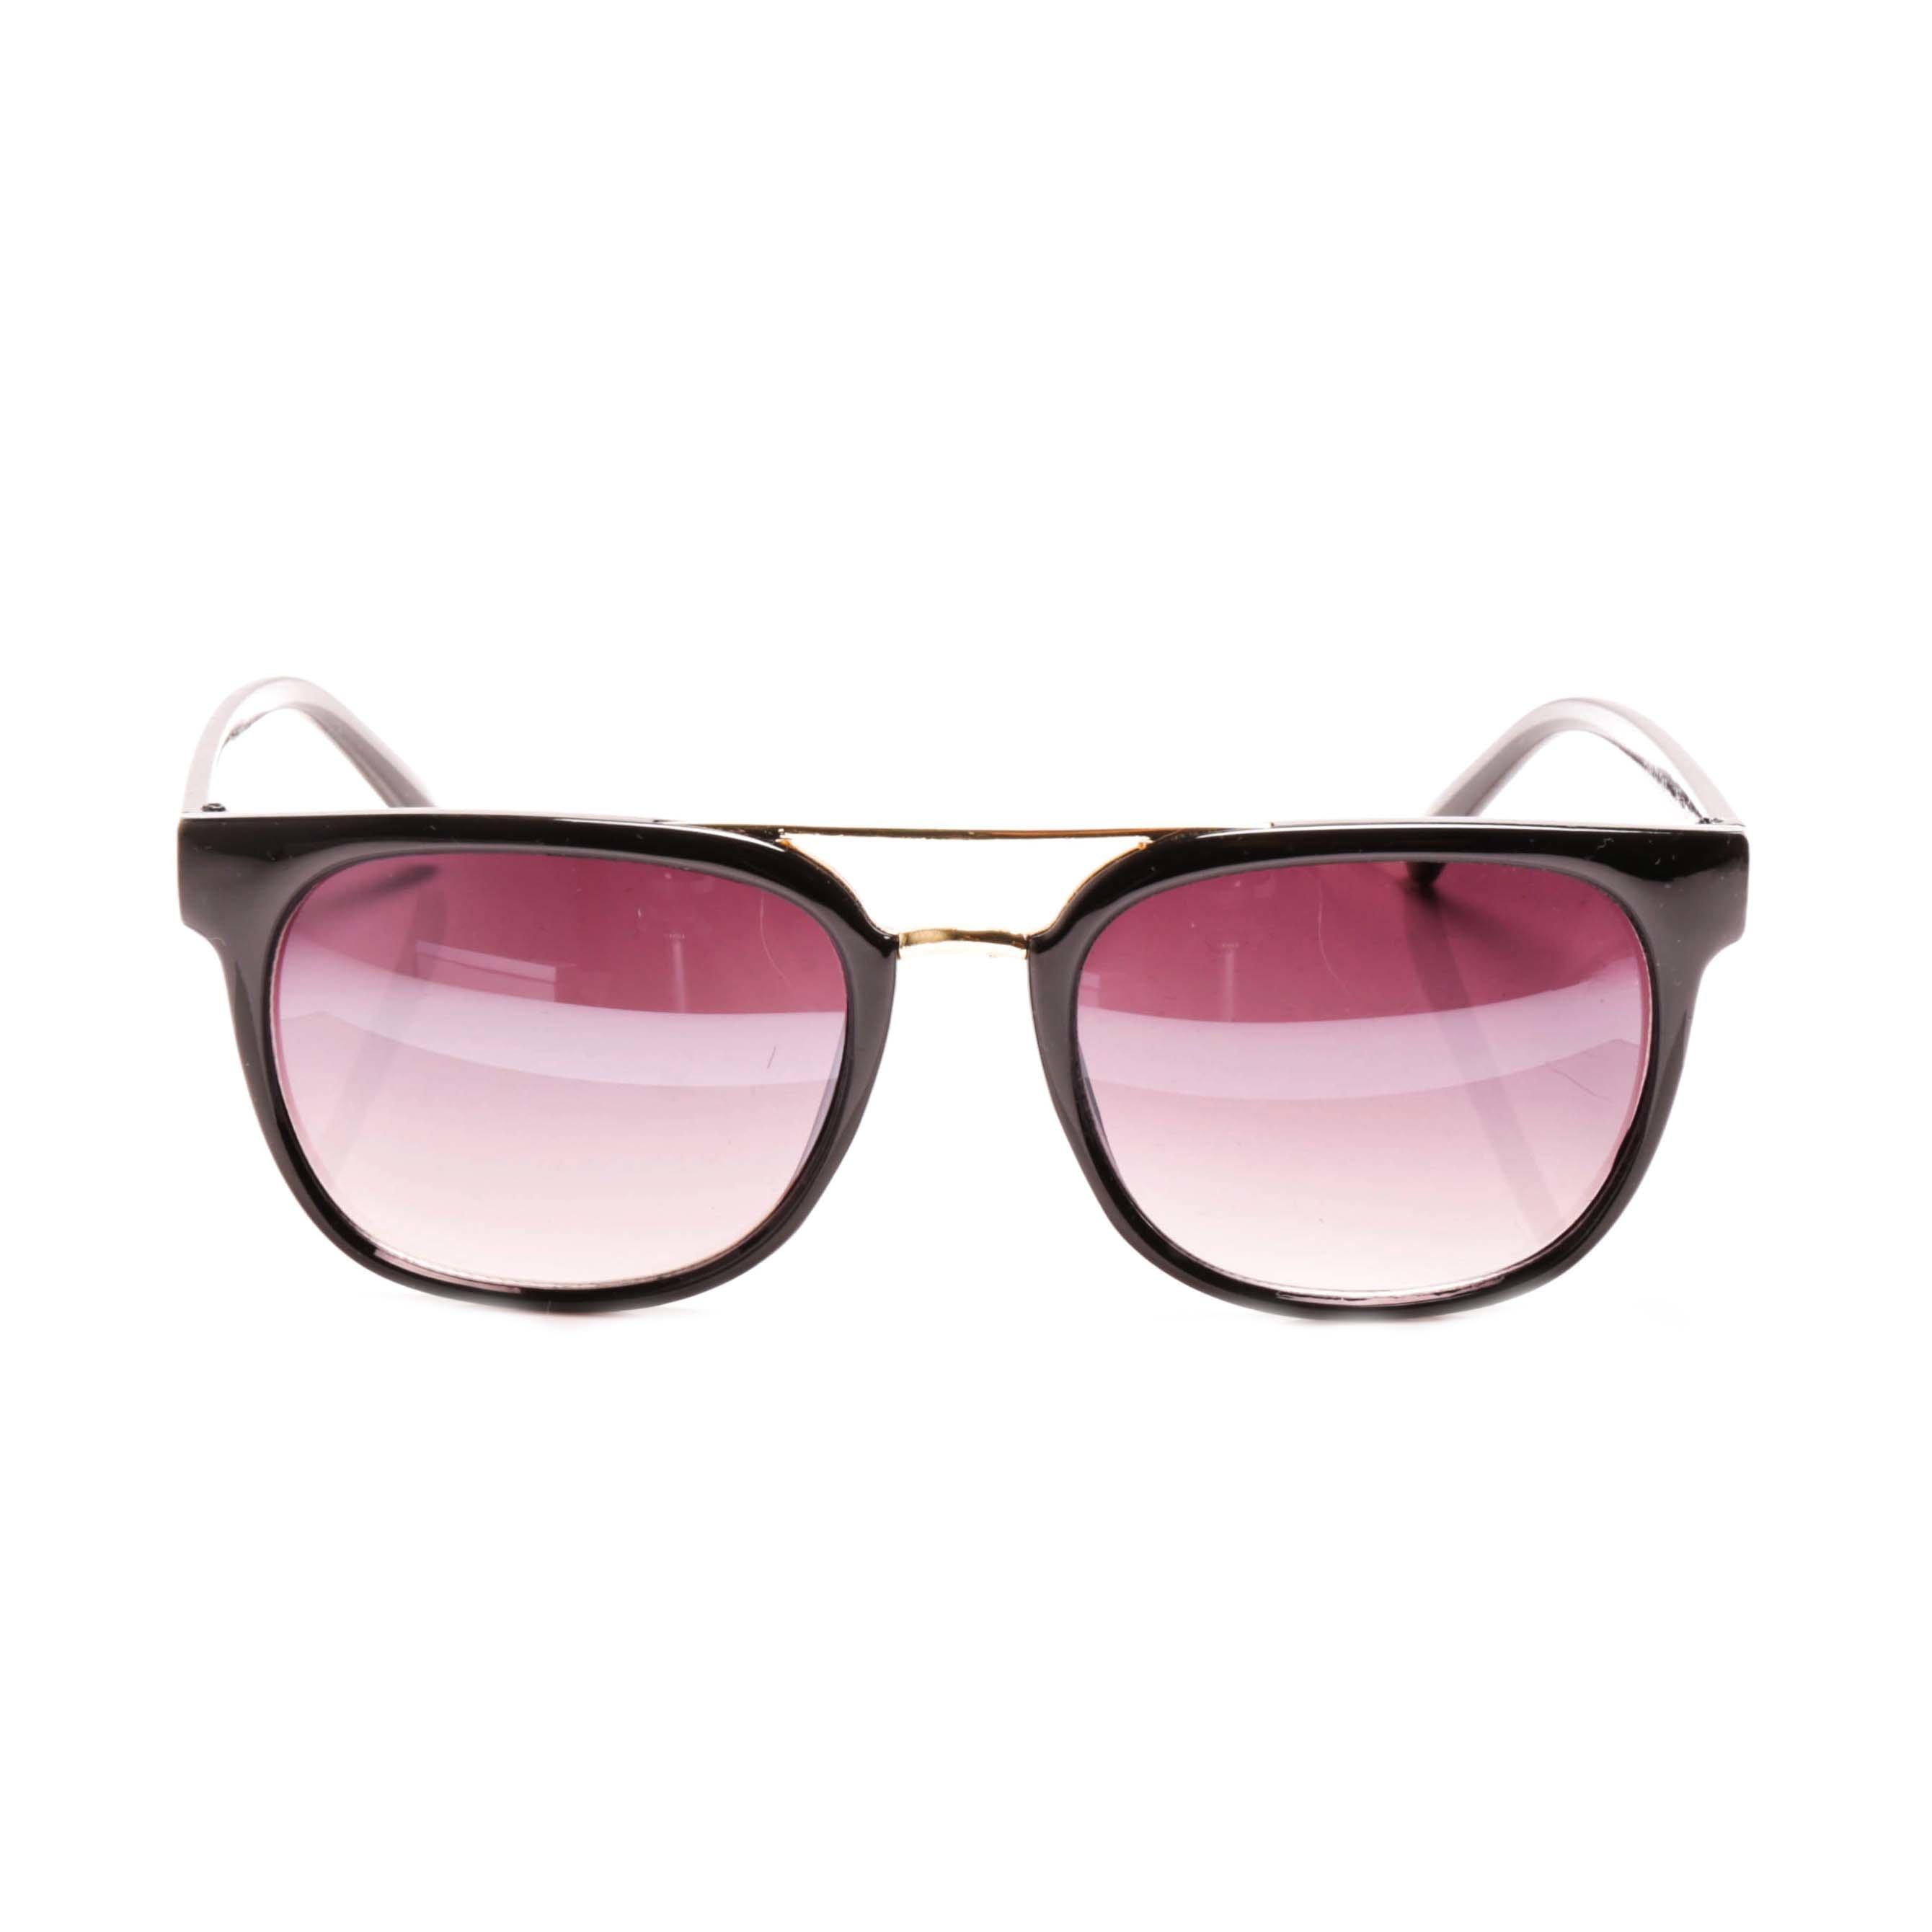 Ochelari De Soare Dama P3242c1 Toc Protectie